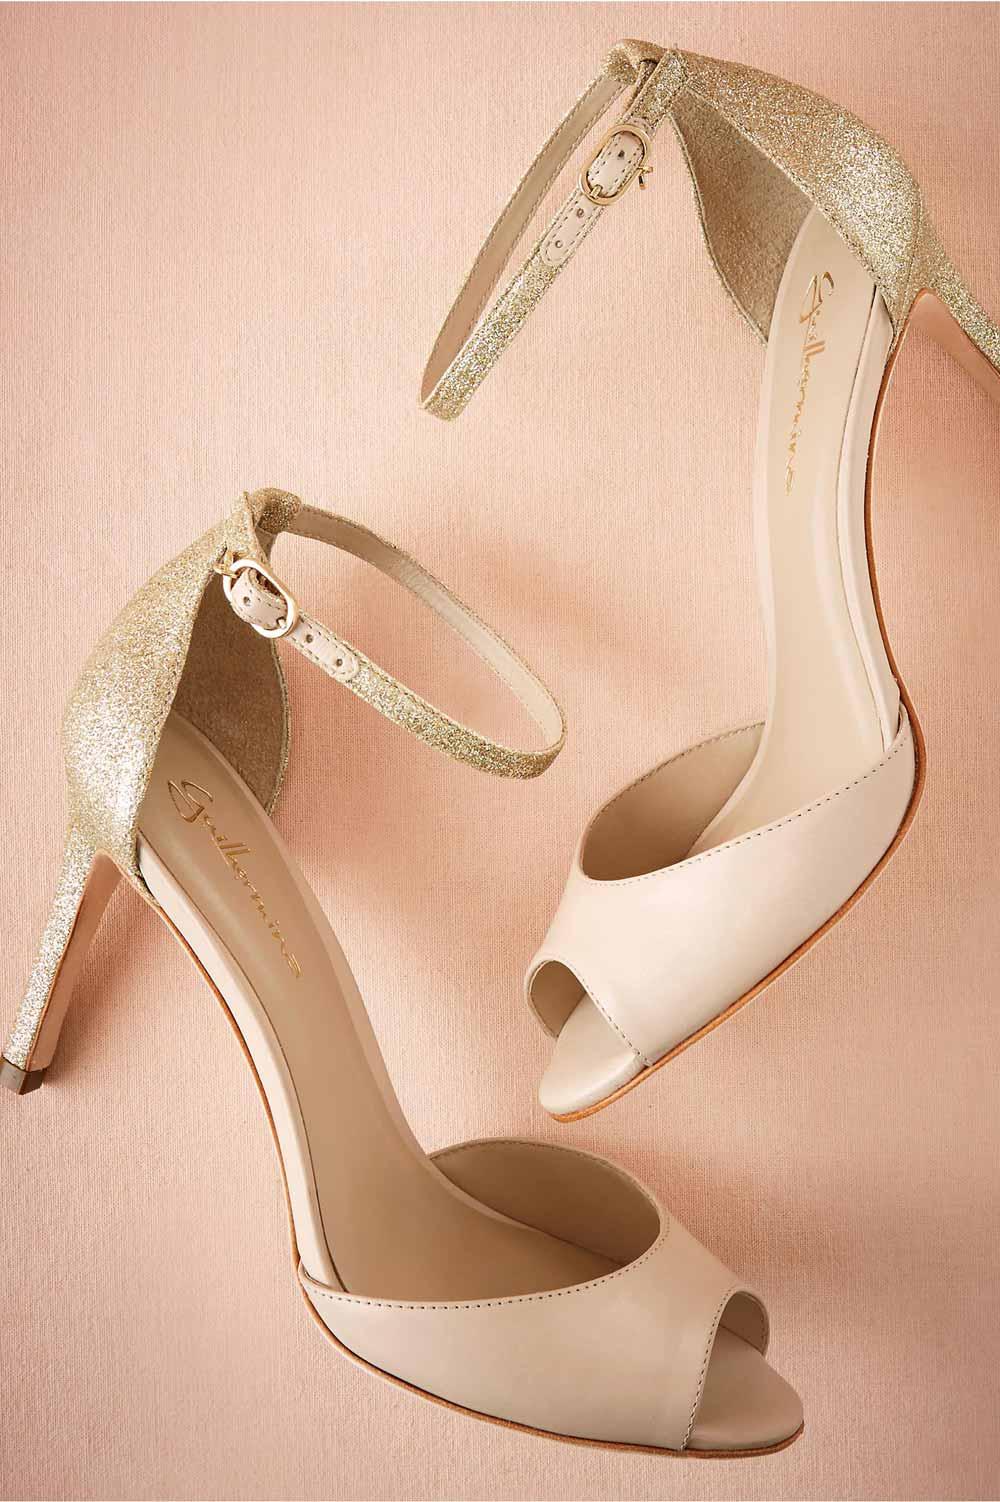 انواع مدل از کفش مجلسی طلایی و پاشنه بلند